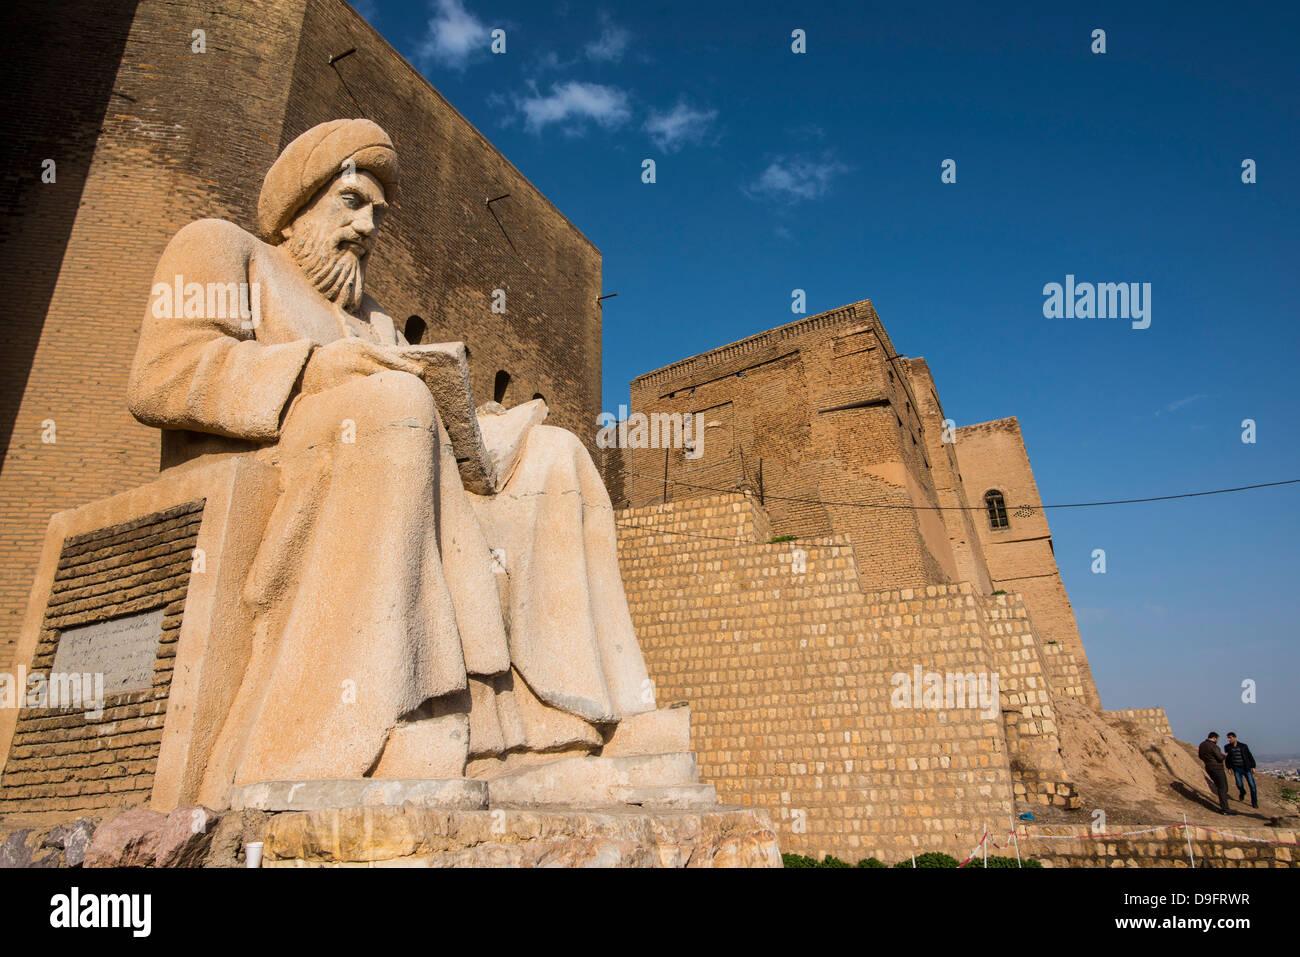 Statua di Ahmed Mubarek Sharafaddin nella parte anteriore della cittadella di Erbil (Hawler), capitale del Kurdistan Immagini Stock